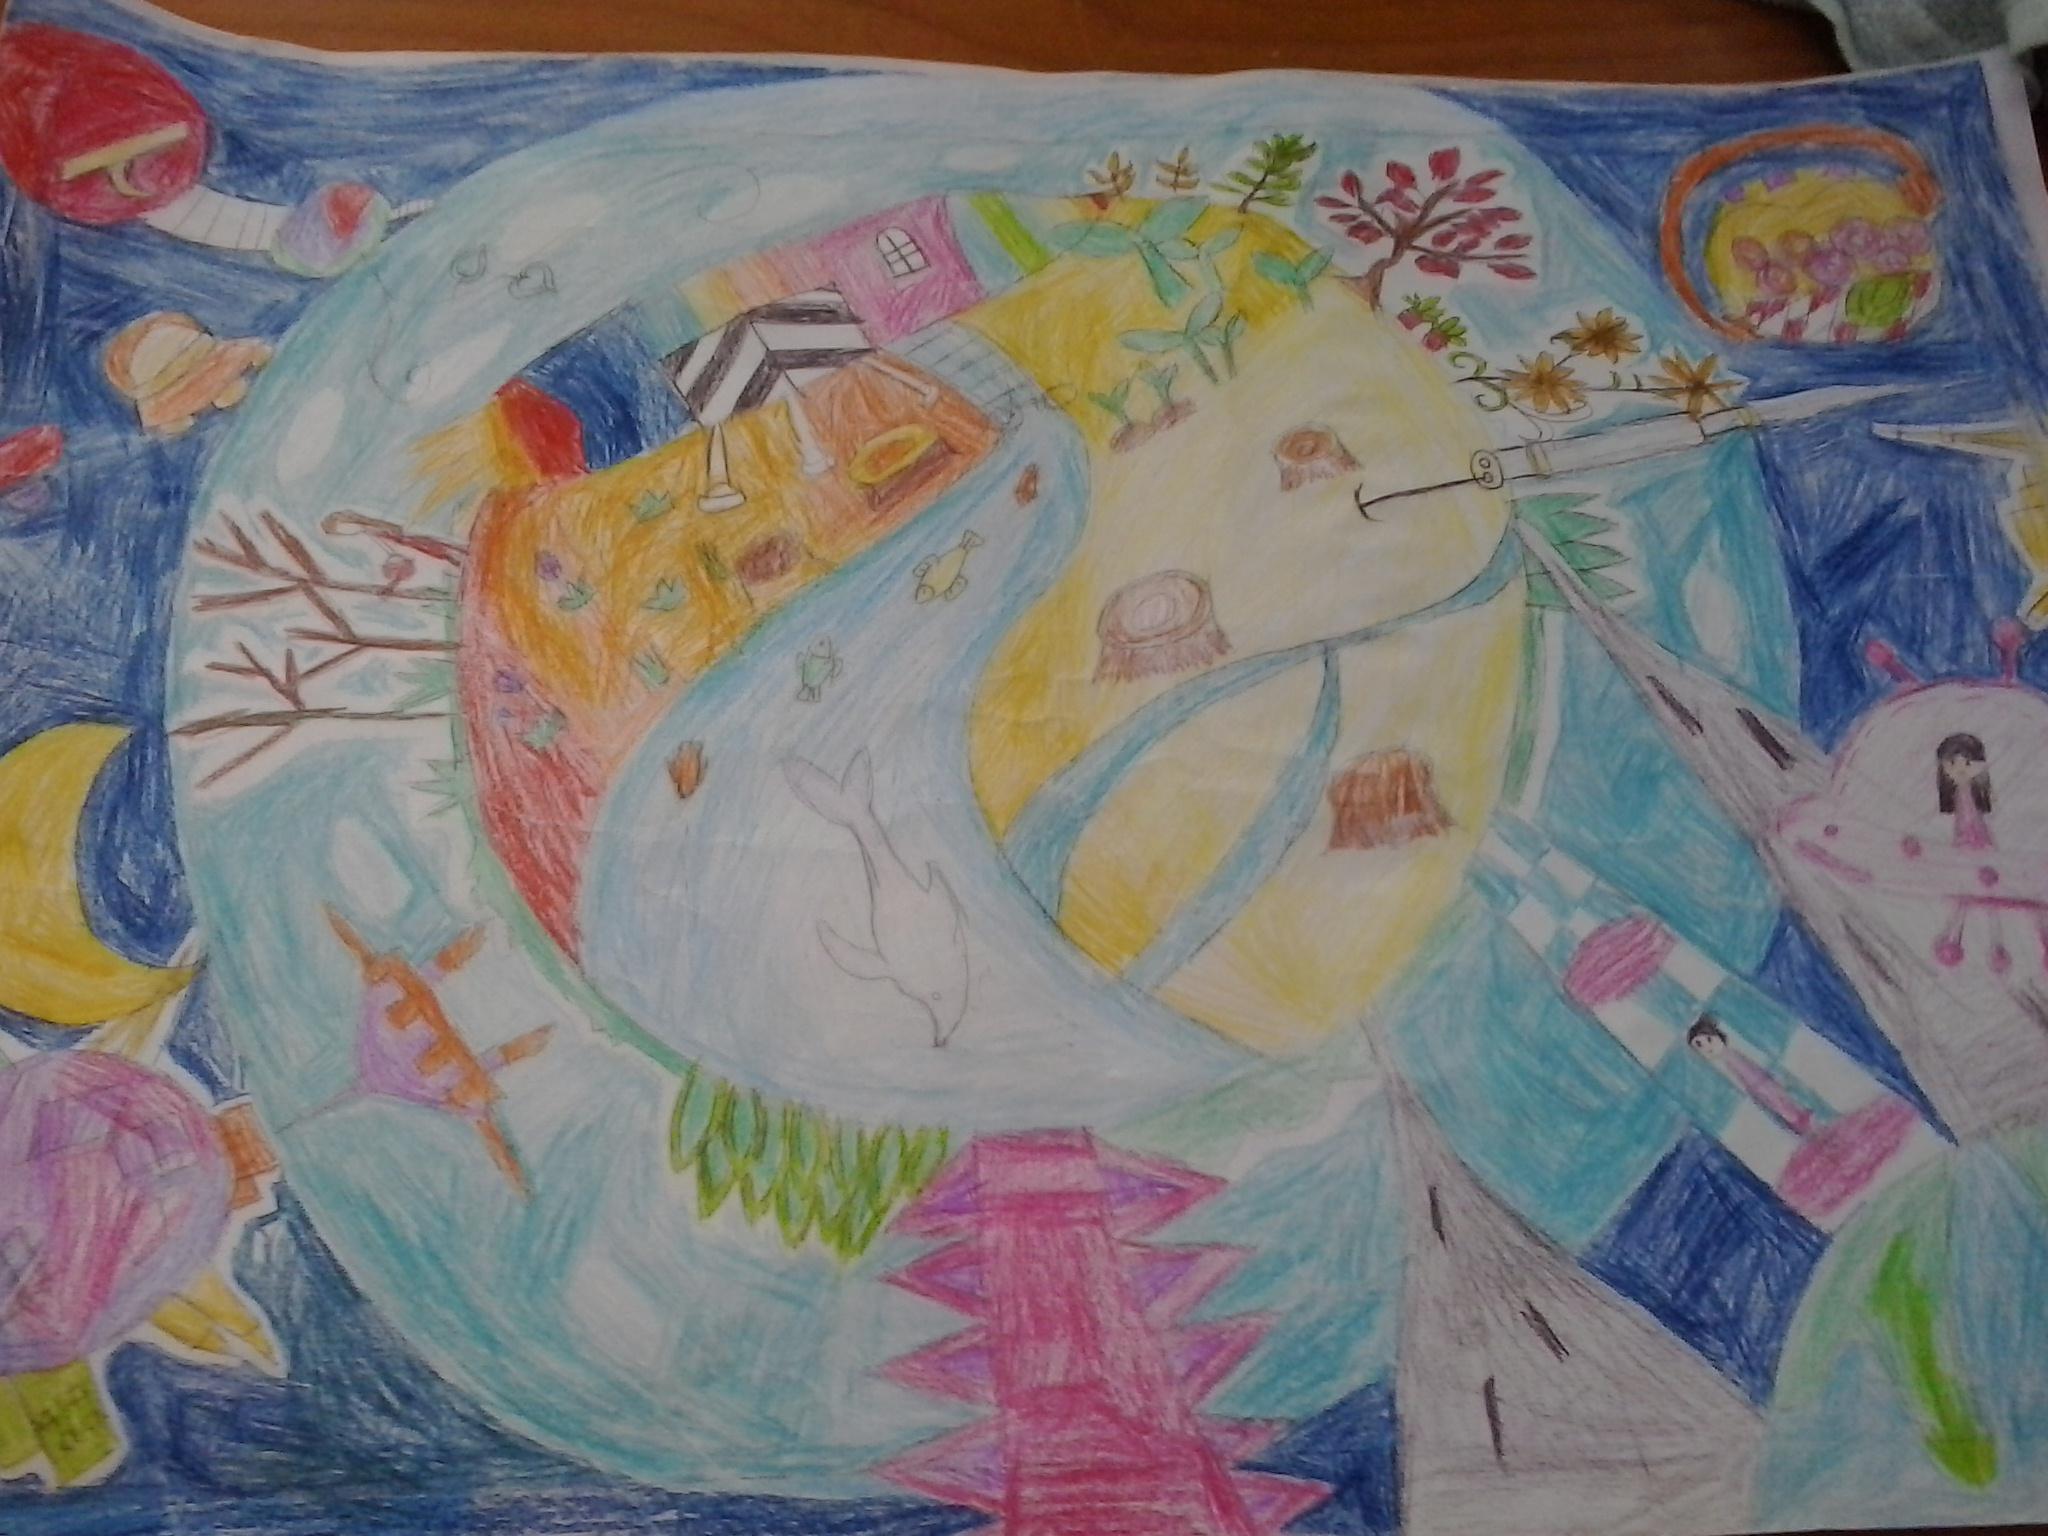 科学幻想画 2014年少年儿童媒介素养教育活动 活动 未来网红领巾集结图片